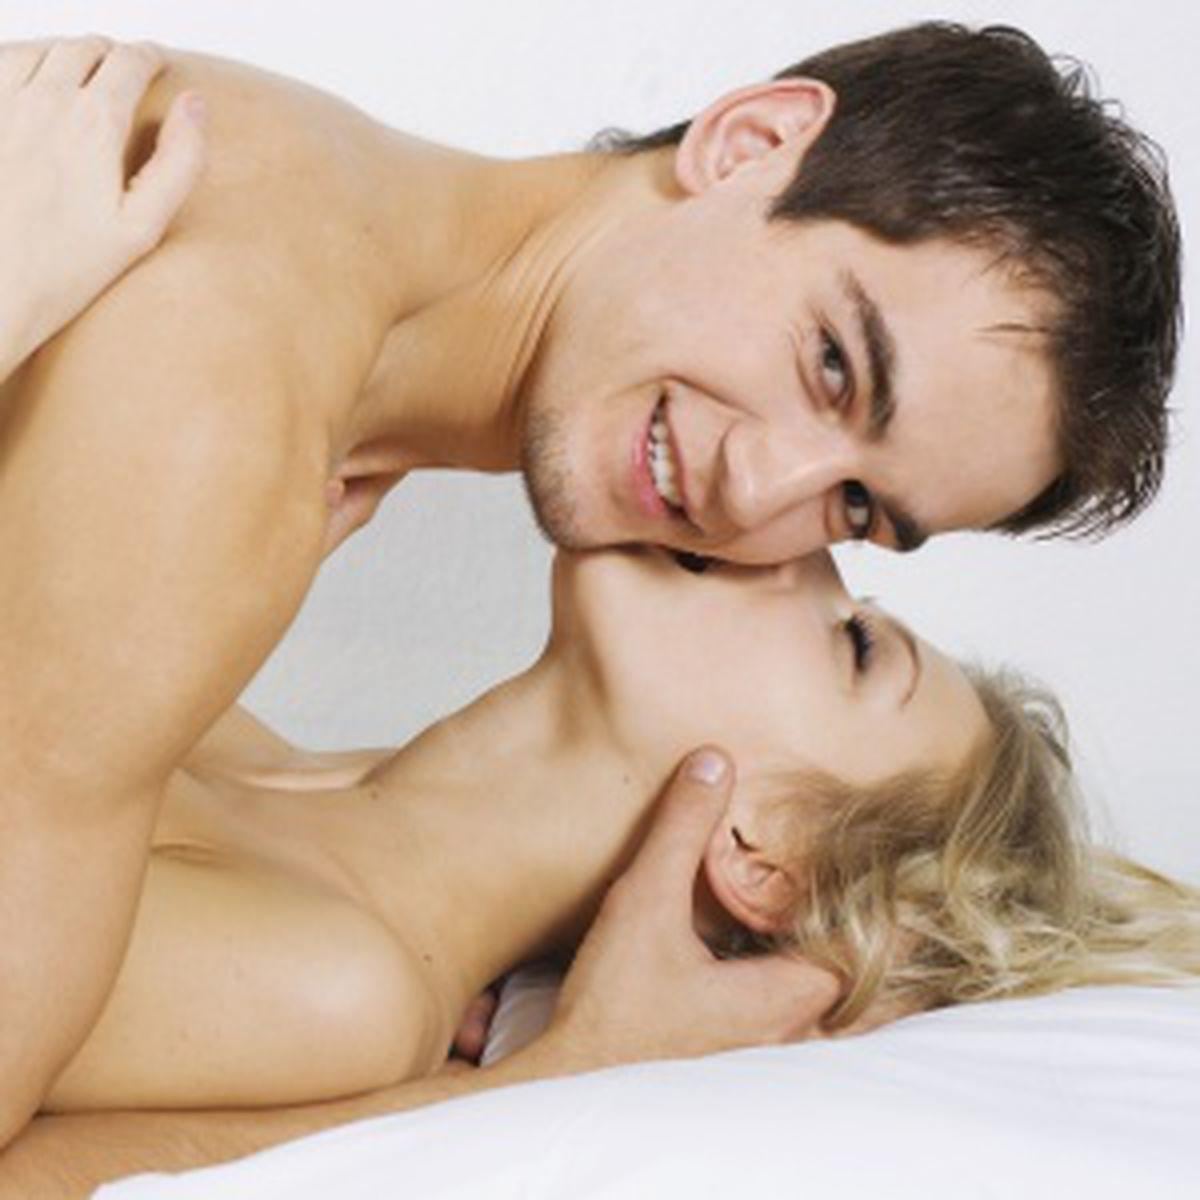 despre bărbați și penisul lor